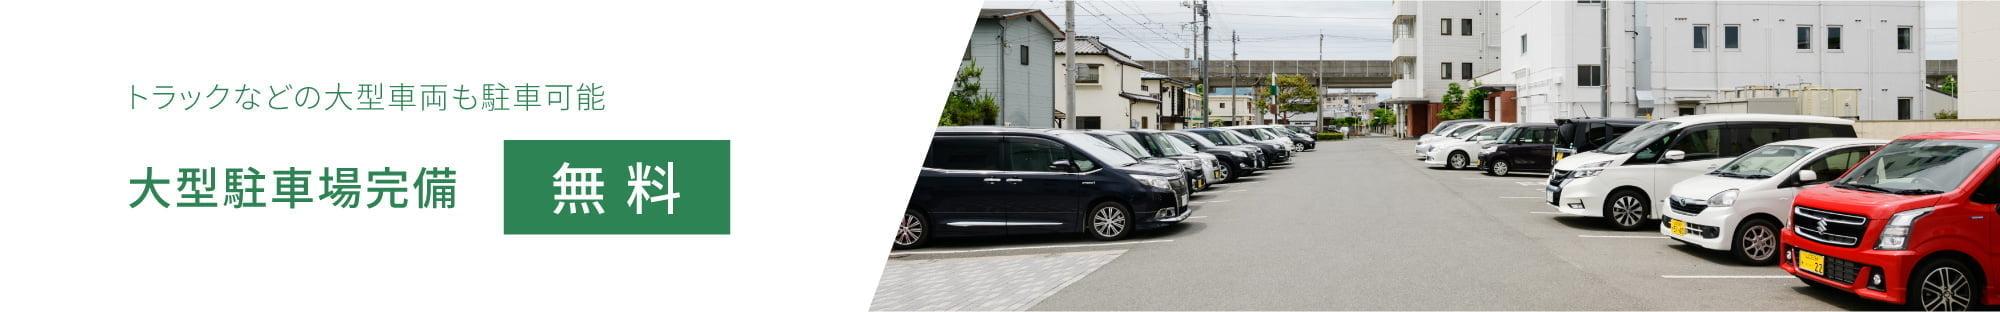 トラックなどの大型車両も駐車可能 大型駐車場完備 無料